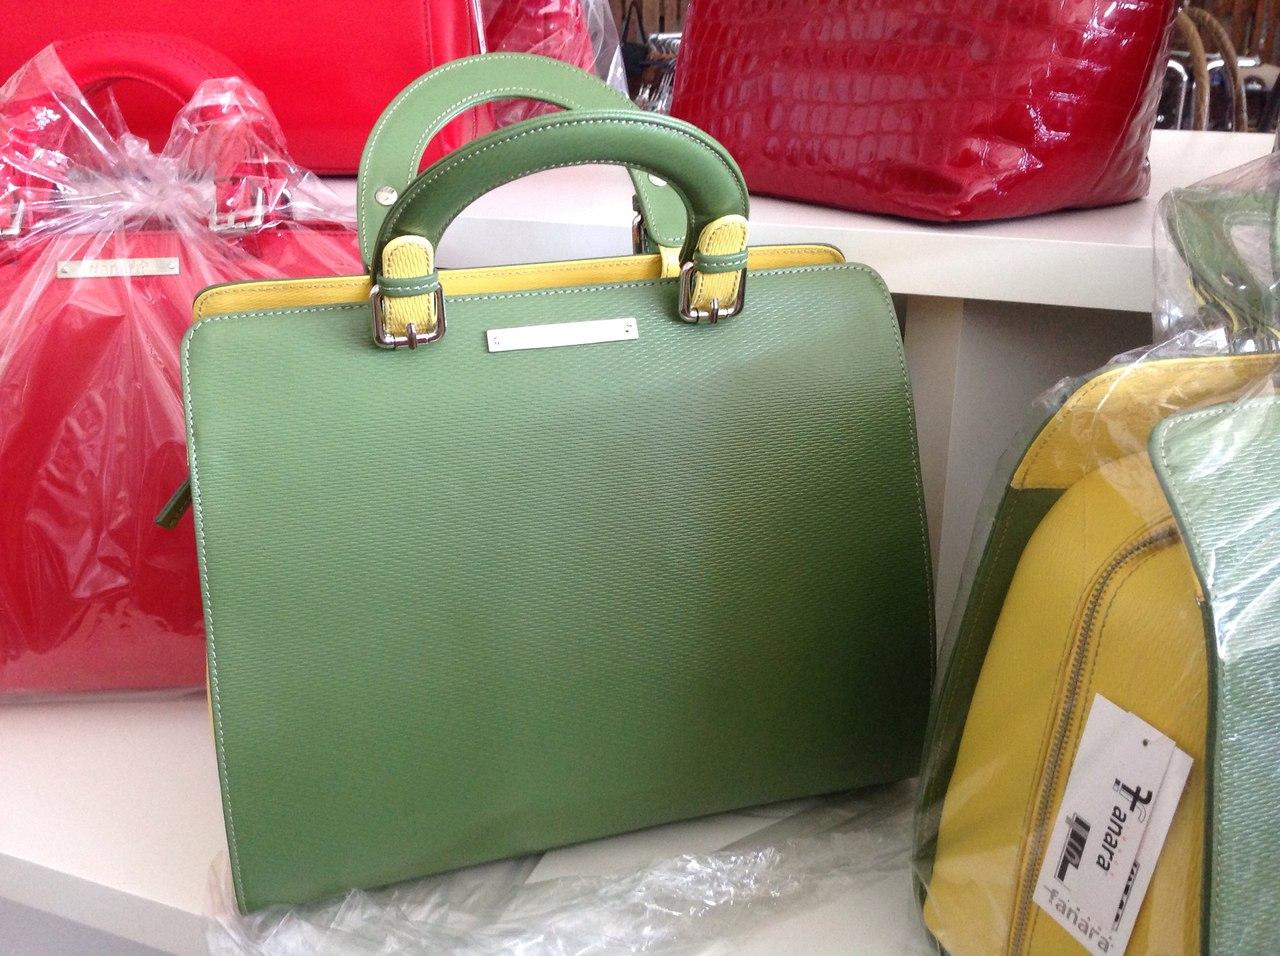 Сумка выполнена из красивой текстурной кожи в комбинации двух цветов. Современная интерпретация классической женской сумки. Фото 6